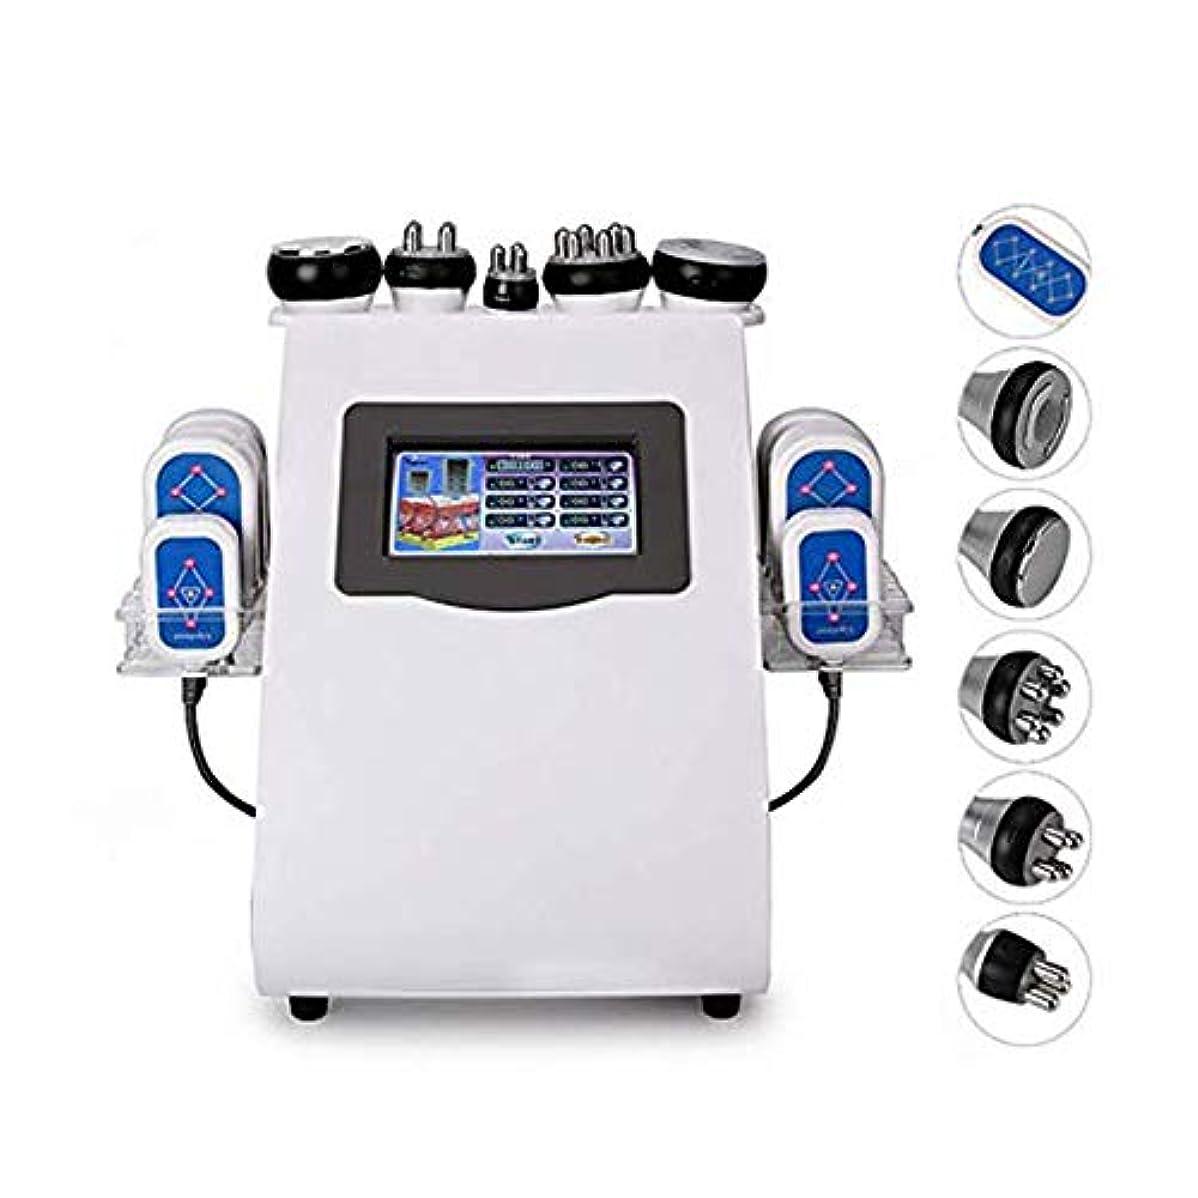 気候きらめき始まり超音波キャビテーション抗セルライトネガティブボディ痩身マシン、脂肪燃焼と無線周波数アンチエイジングスキンリフティング引き締めしわ美容機器の除去